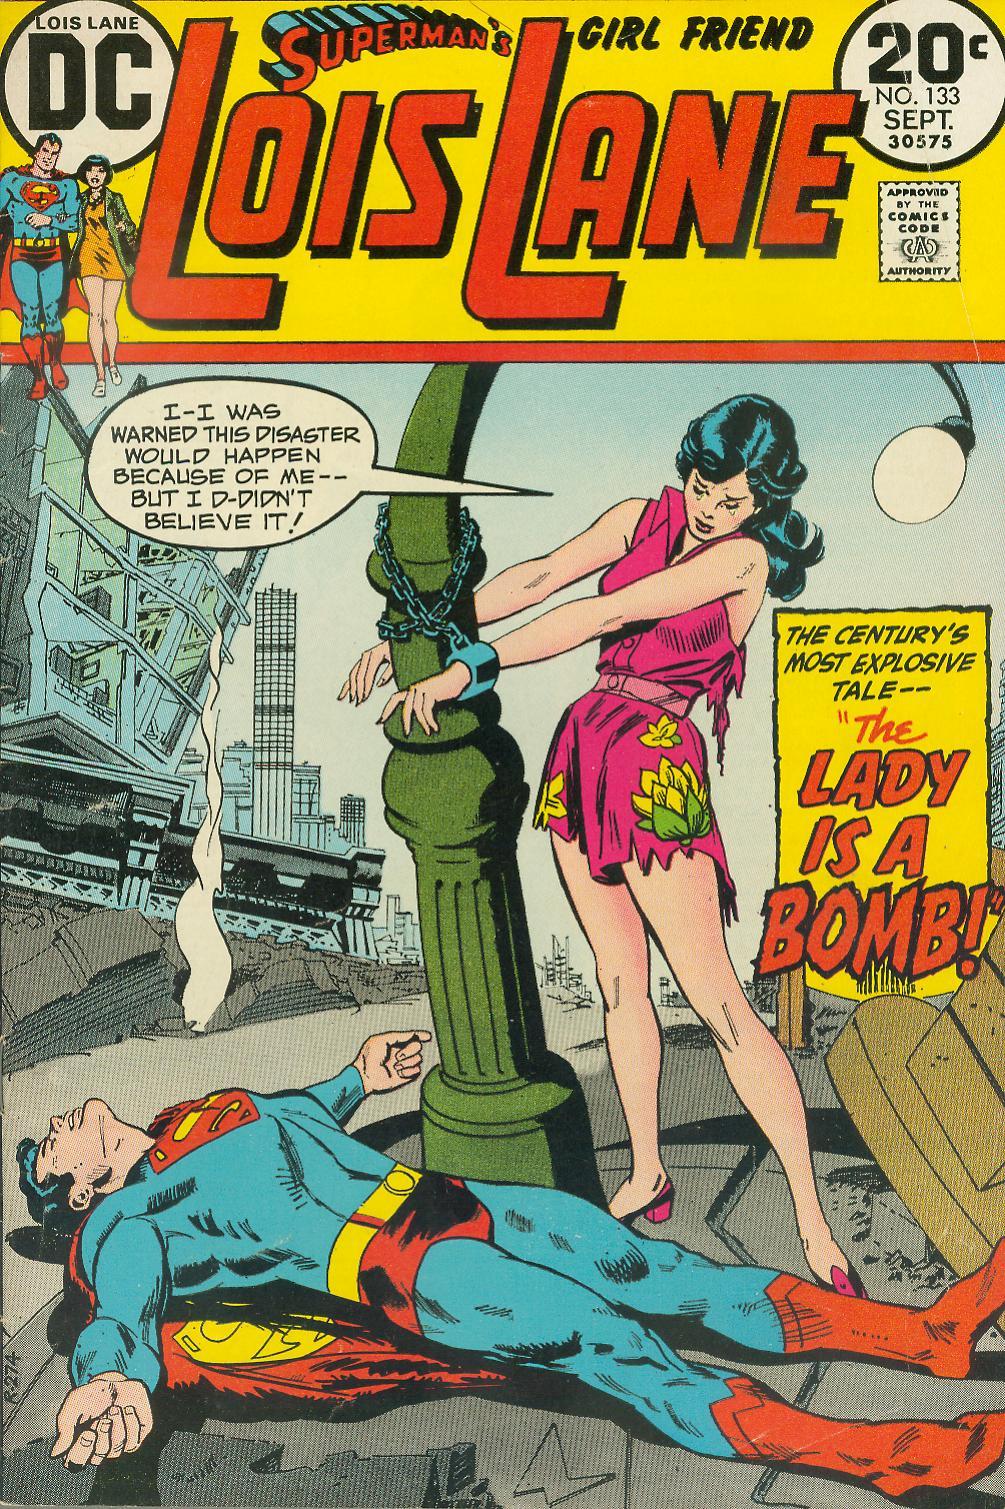 Supermans Girl Friend, Lois Lane 133 Page 1